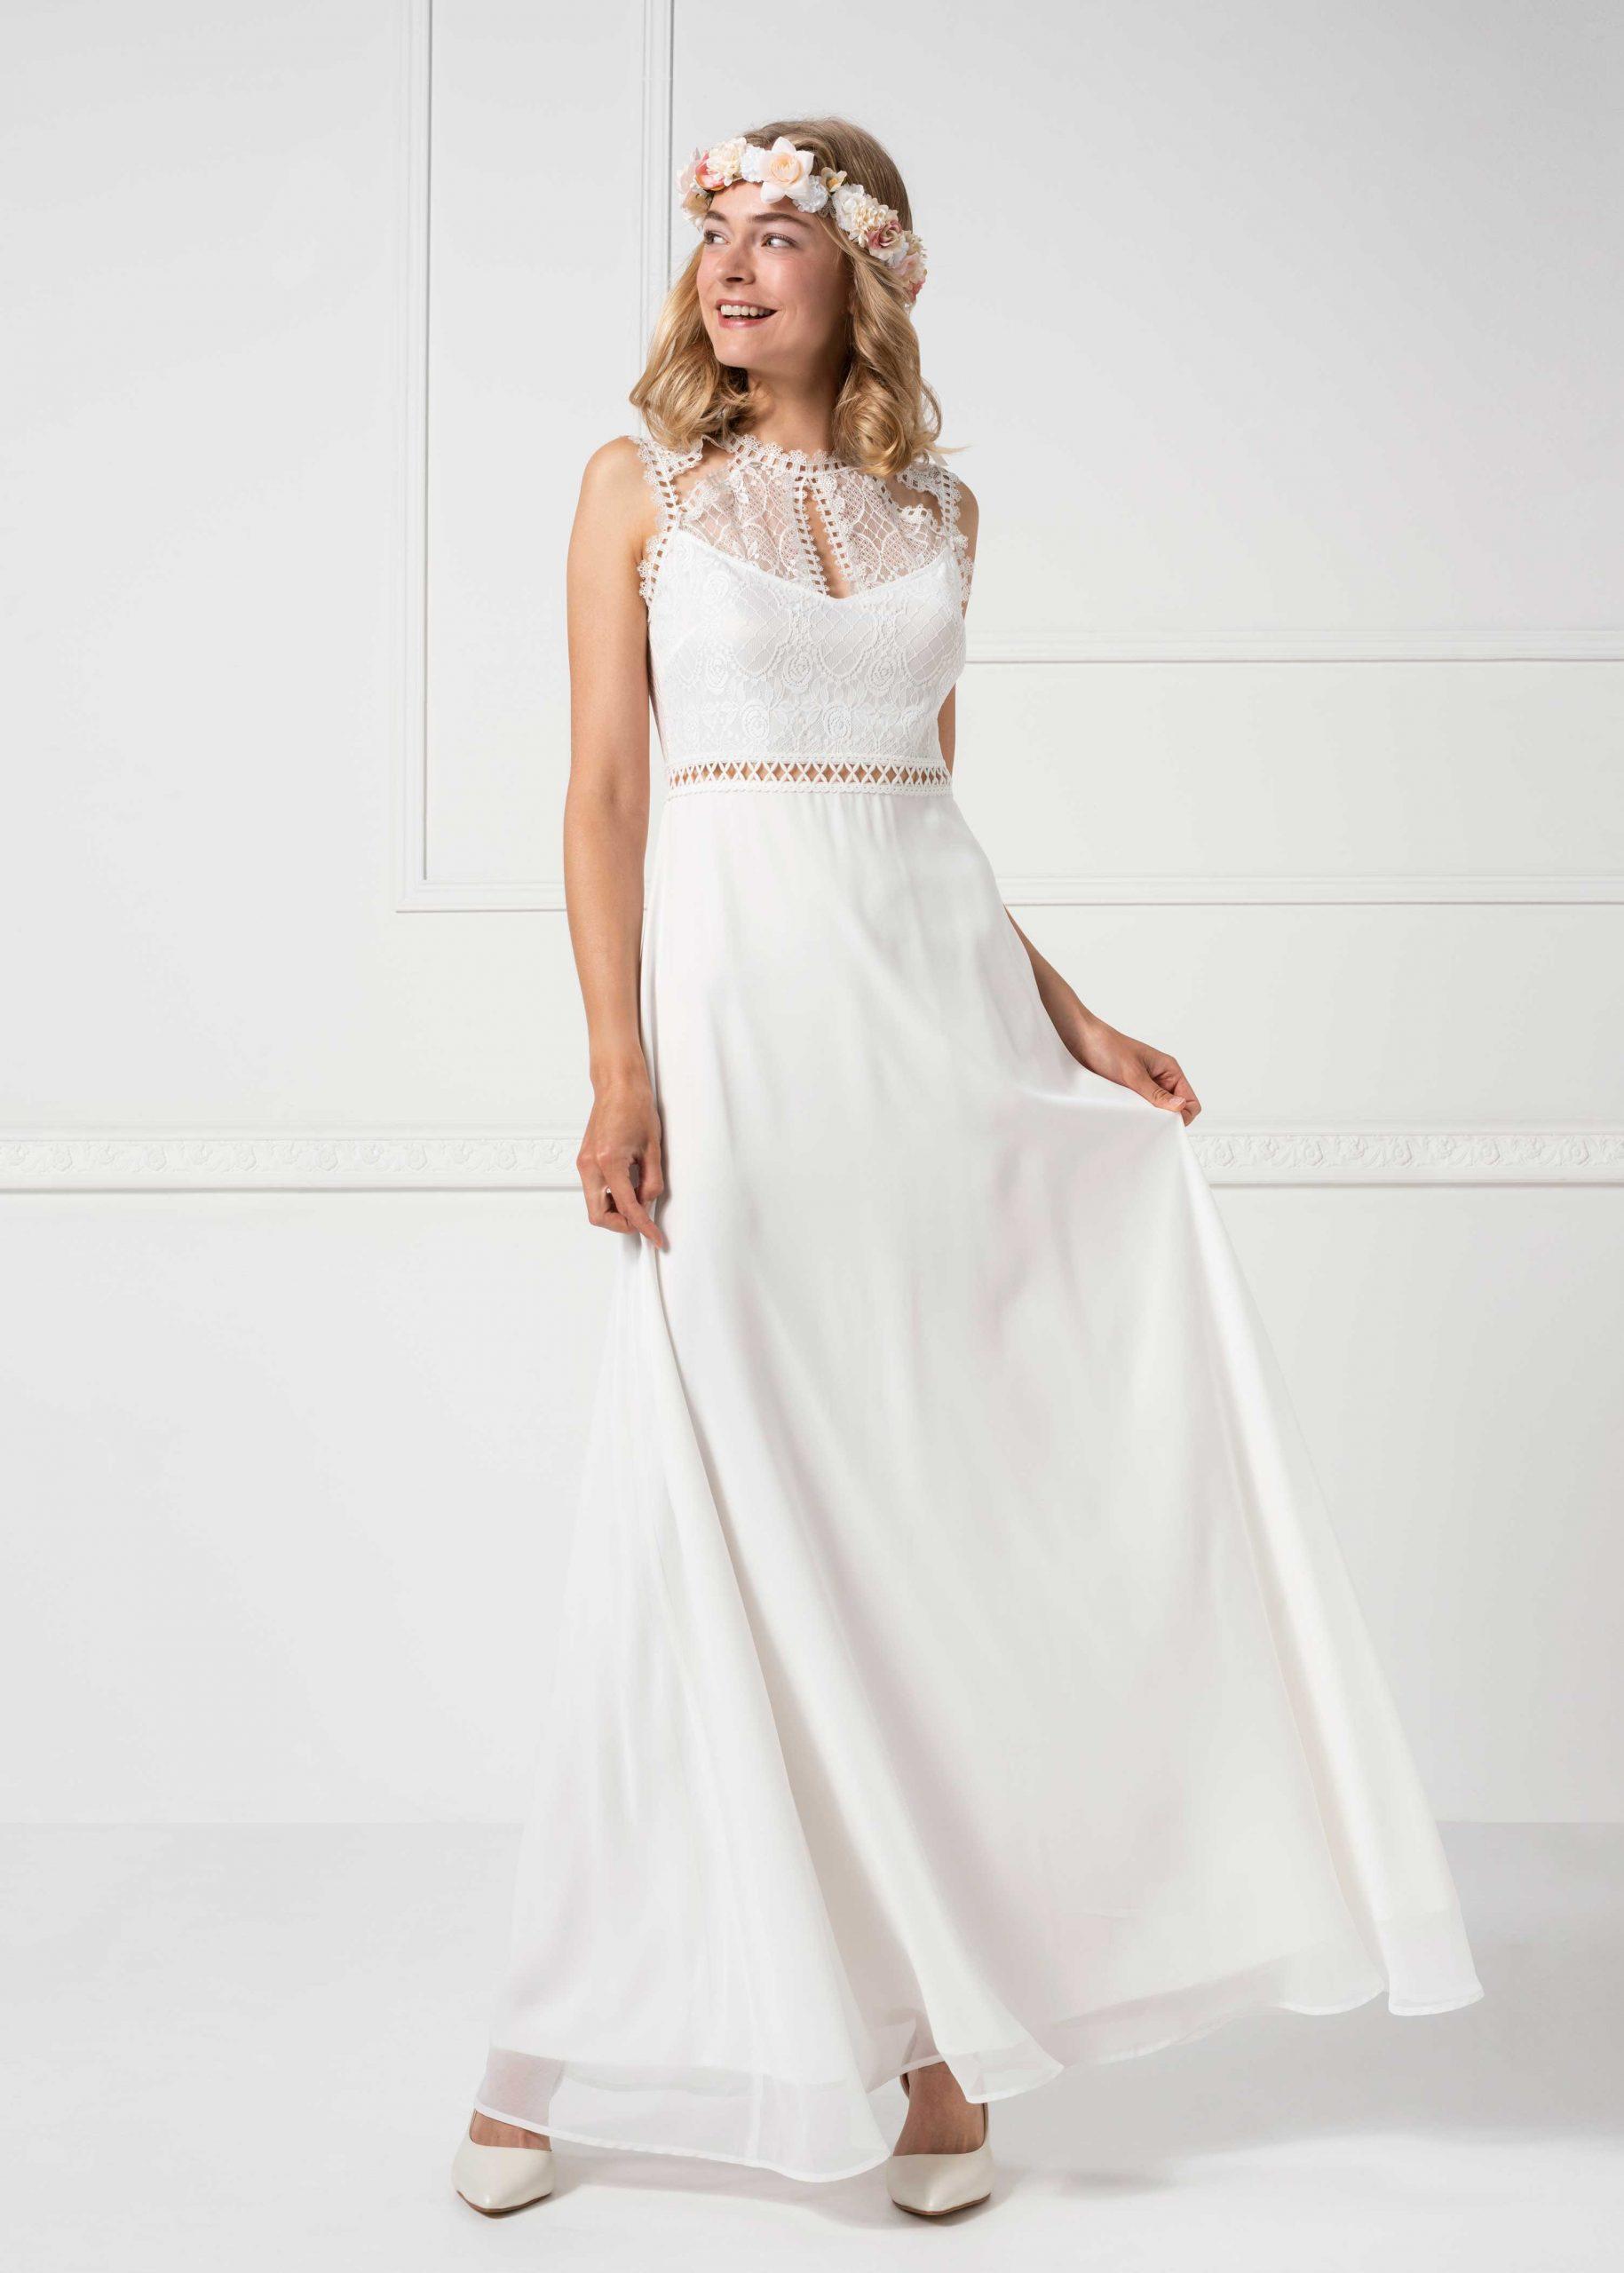 10 Luxurius Weise Brautkleider Boutique15 Genial Weise Brautkleider Spezialgebiet